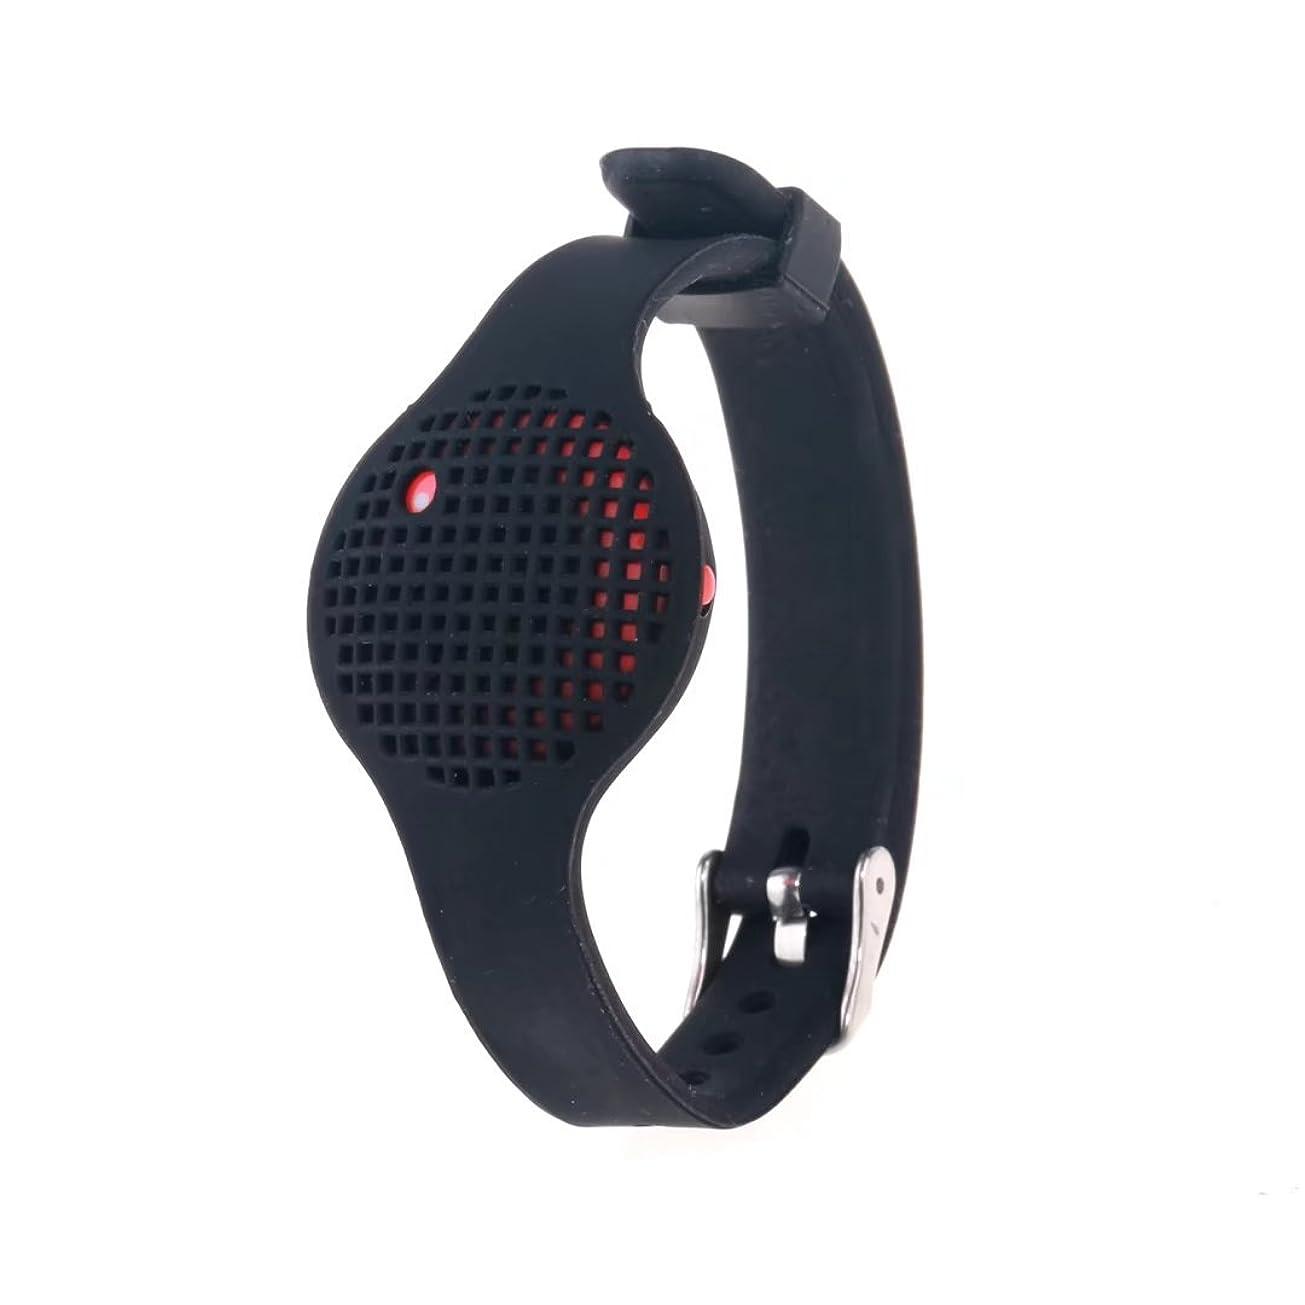 香水いいね延ばすVAN-LUCKY 替えベルト、柔らかいシリコン素材 for Moov Now (NO tracker)